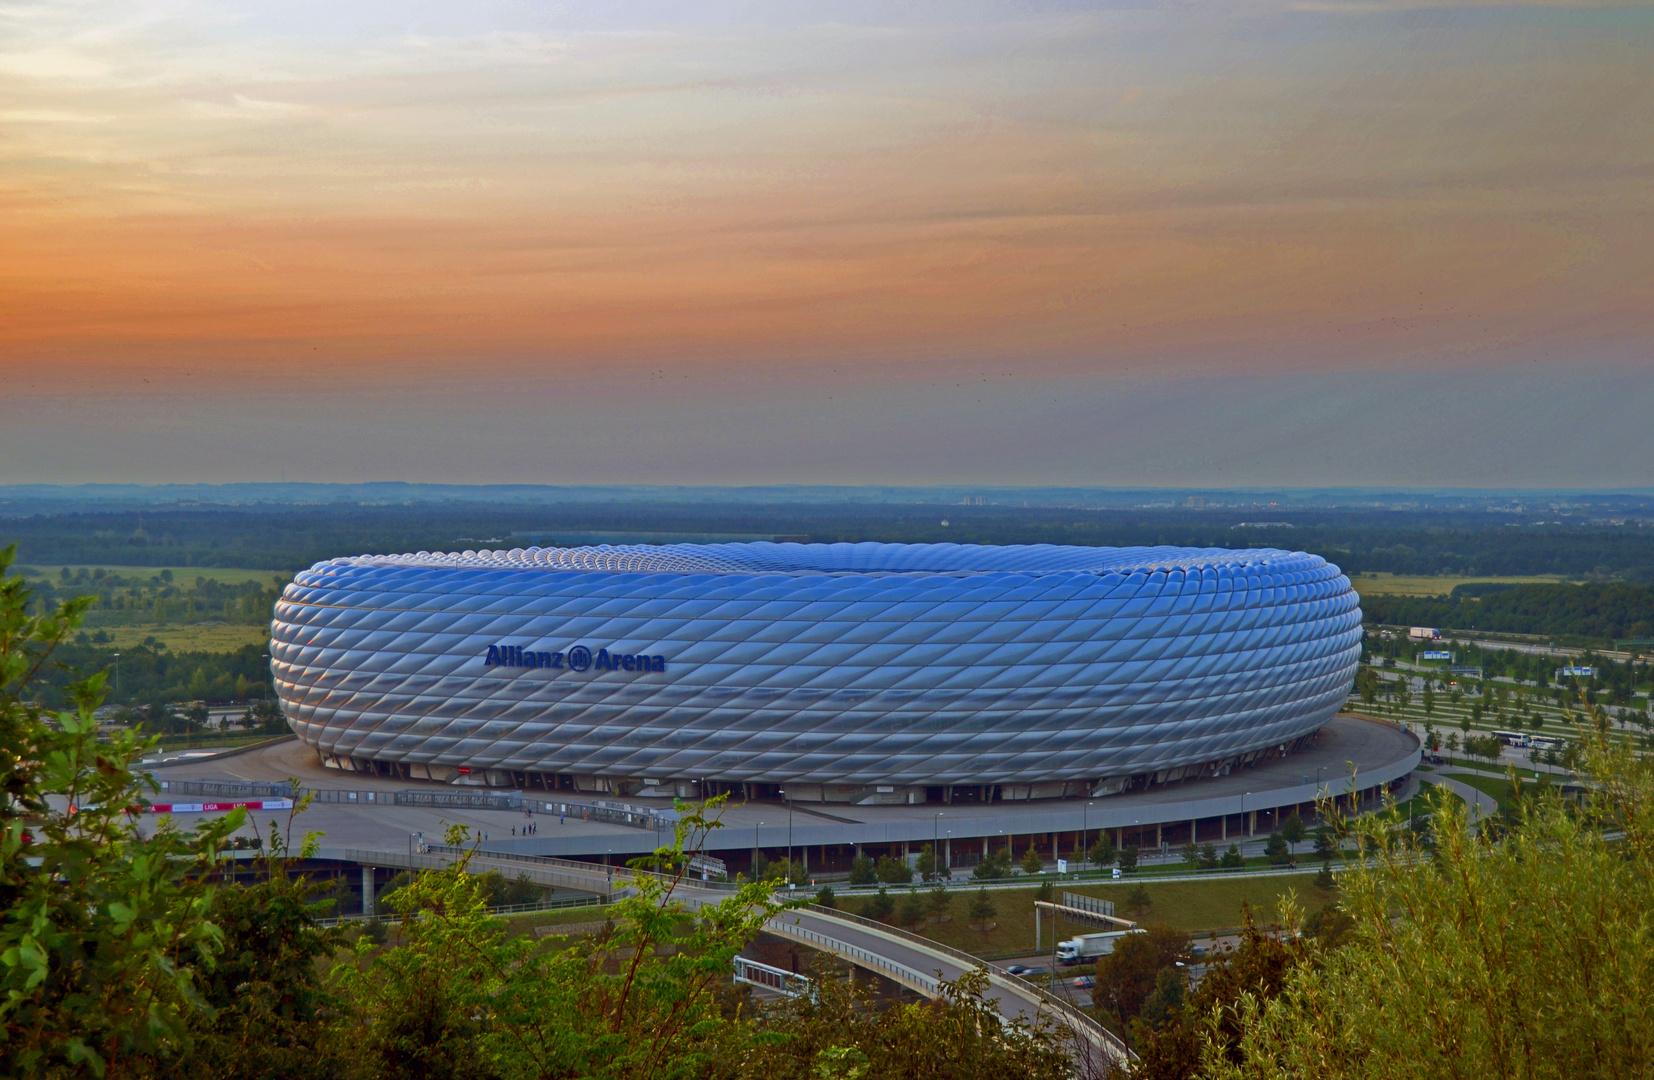 Allianz Arena Parken Kostenlos